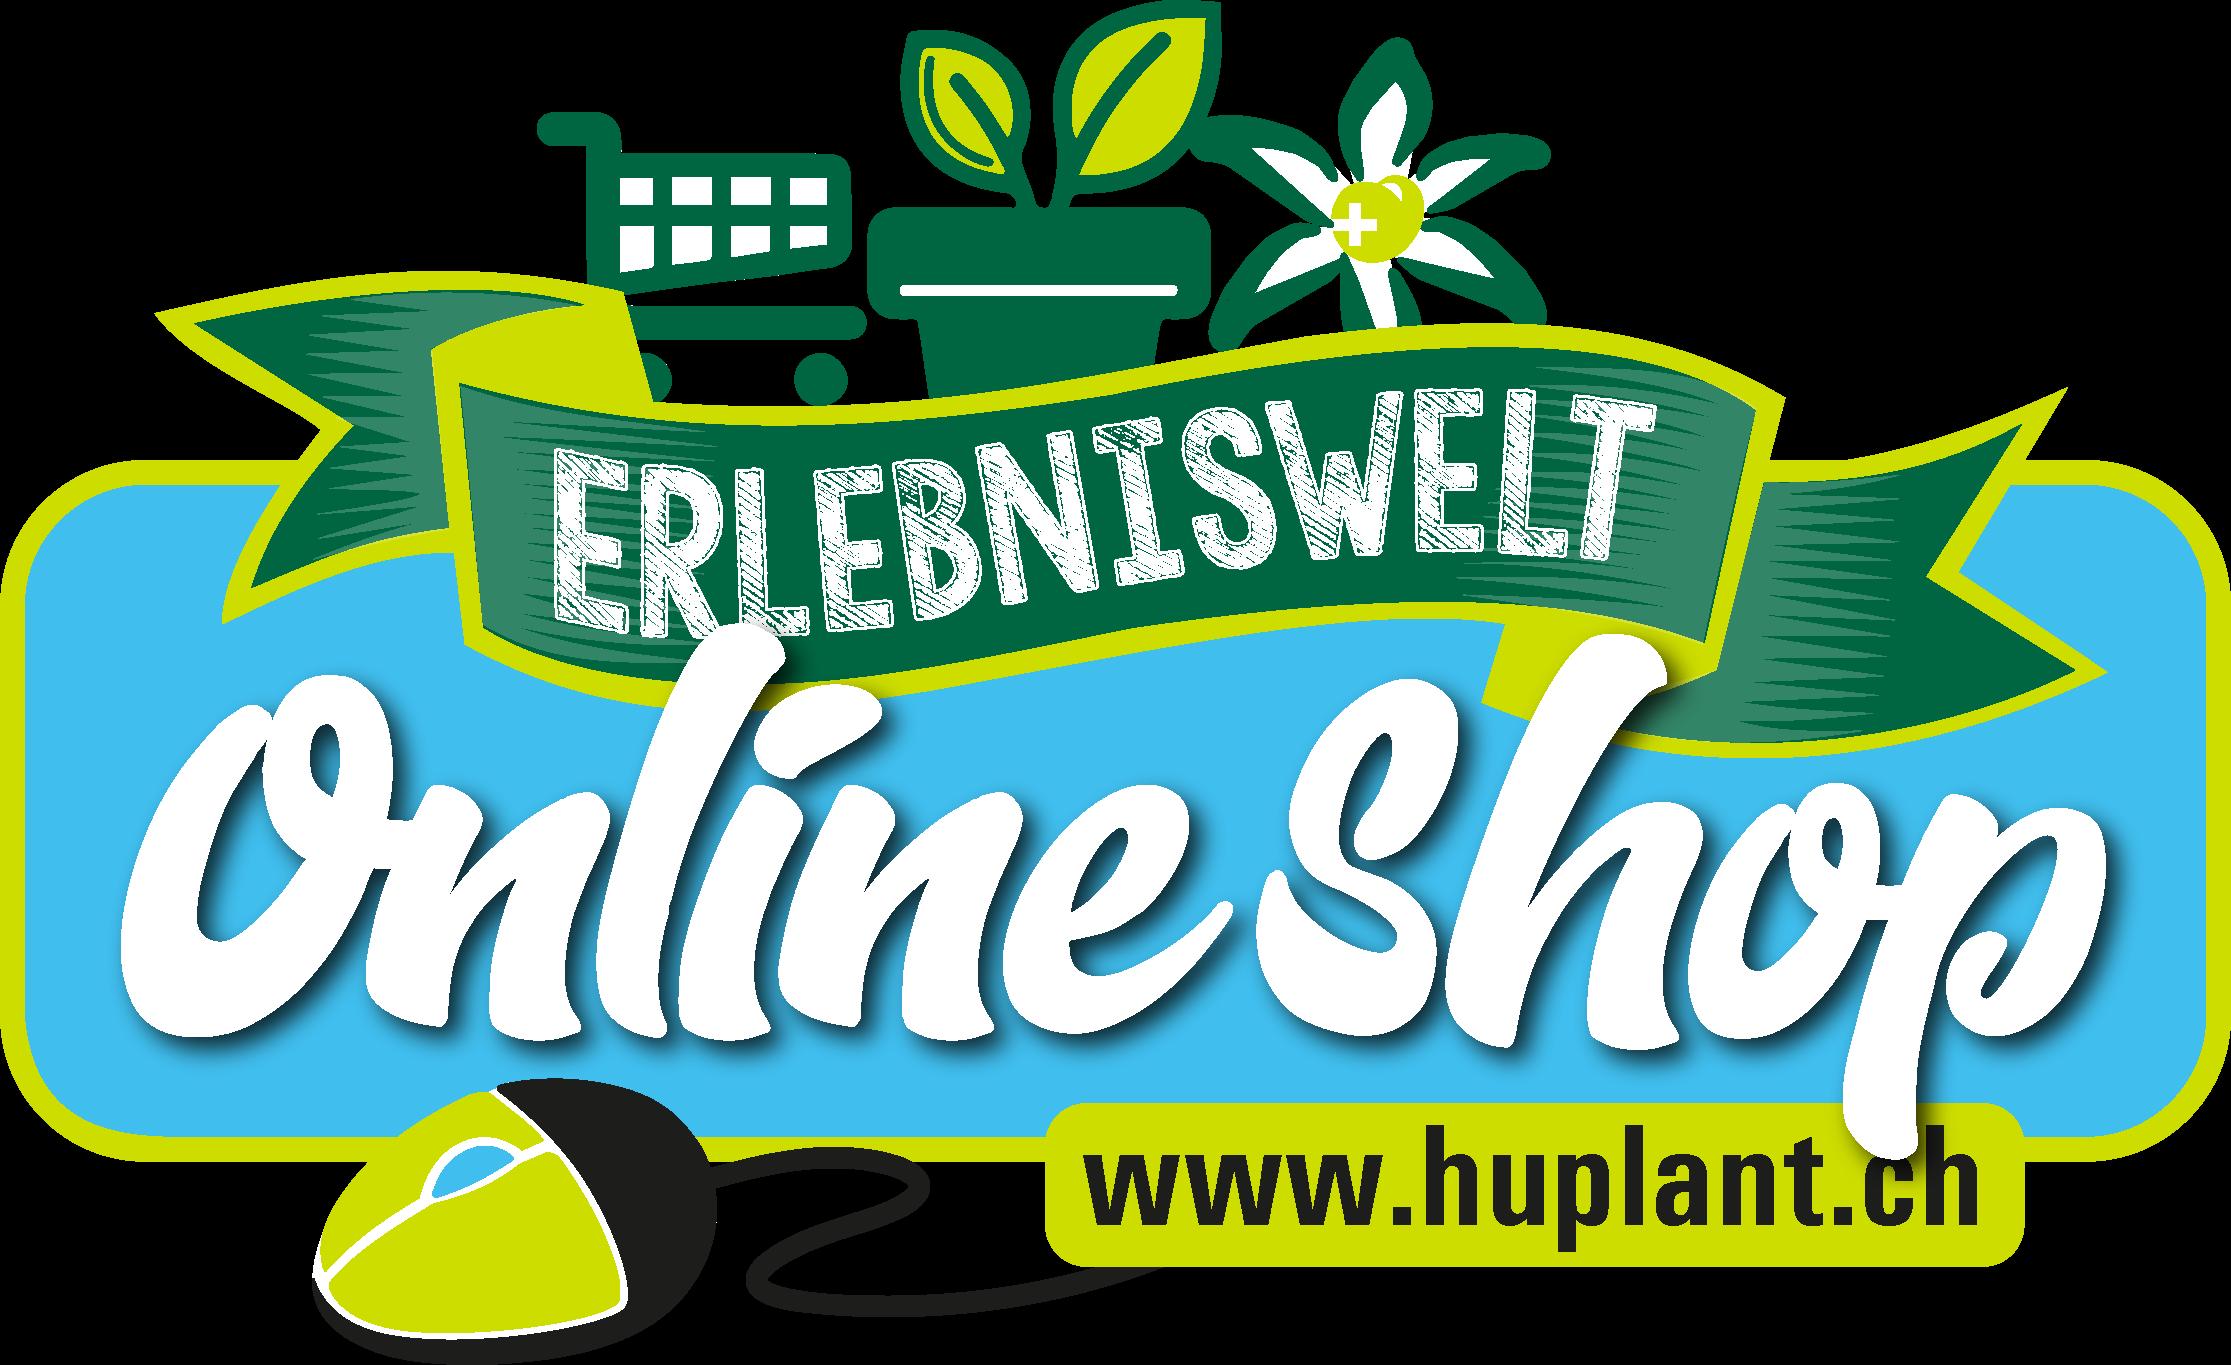 Der Huplant Online-Shop